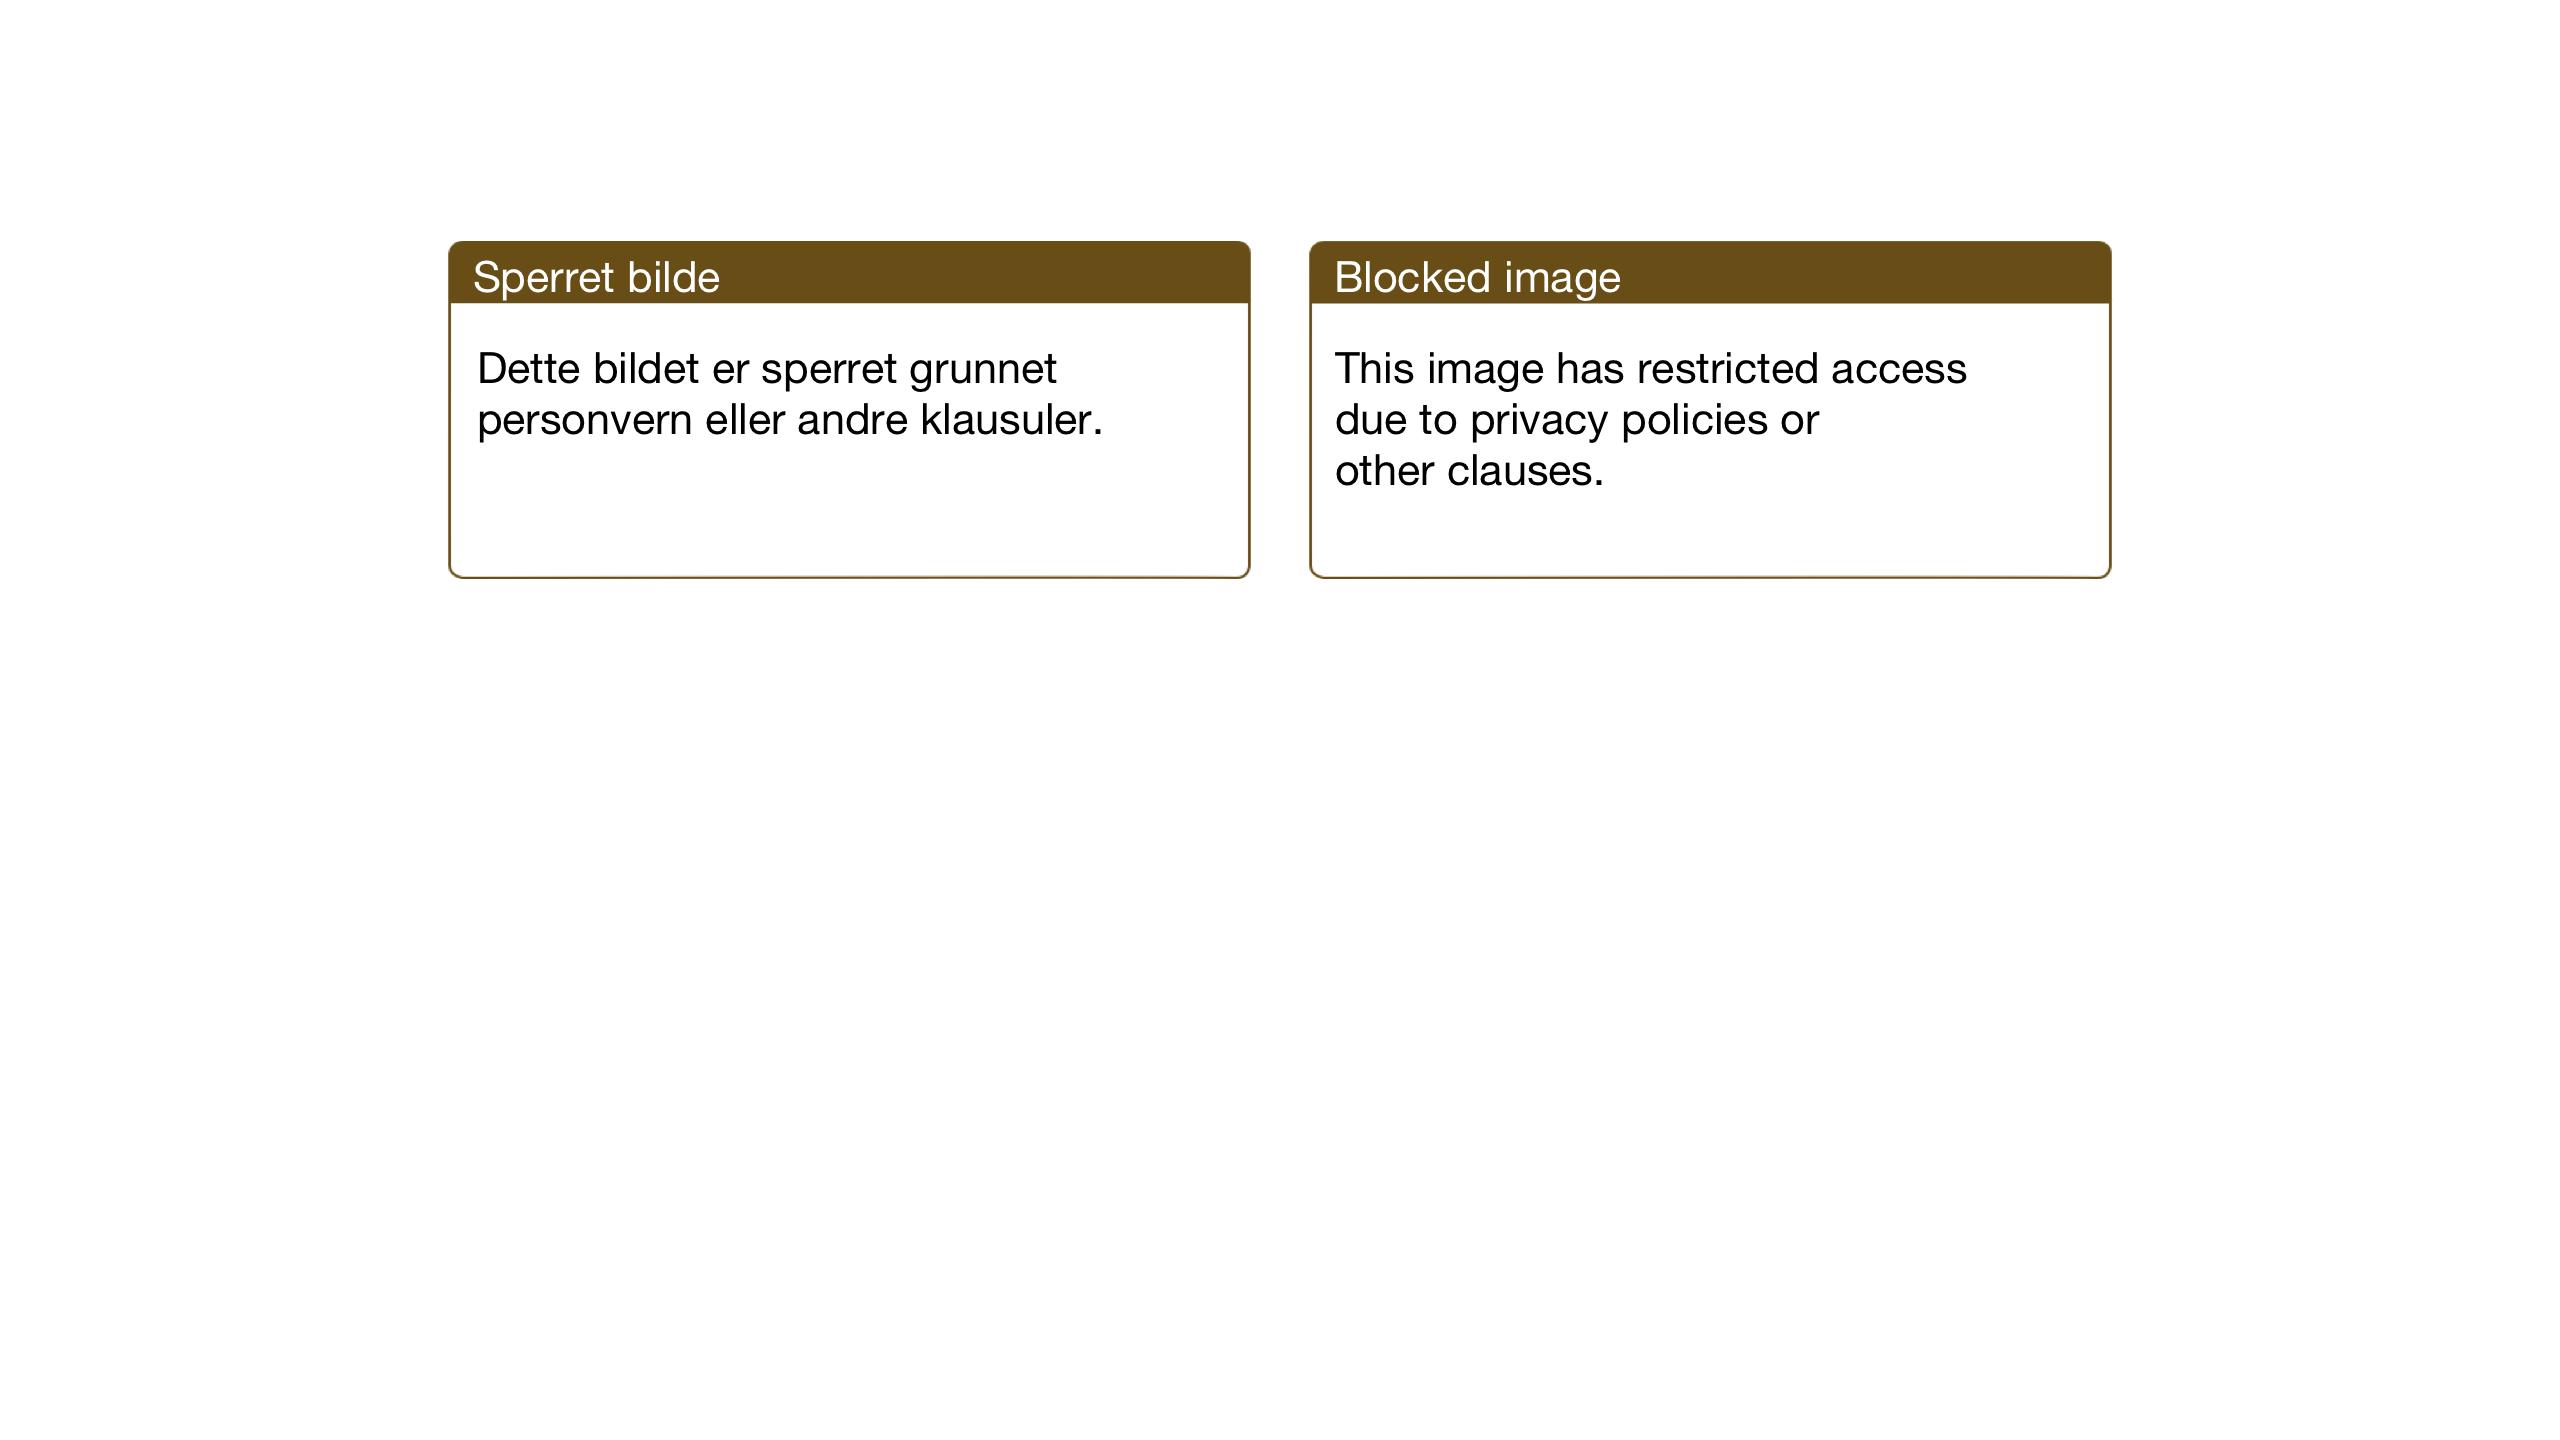 SAT, Ministerialprotokoller, klokkerbøker og fødselsregistre - Sør-Trøndelag, 681/L0944: Klokkerbok nr. 681C08, 1926-1954, s. 49